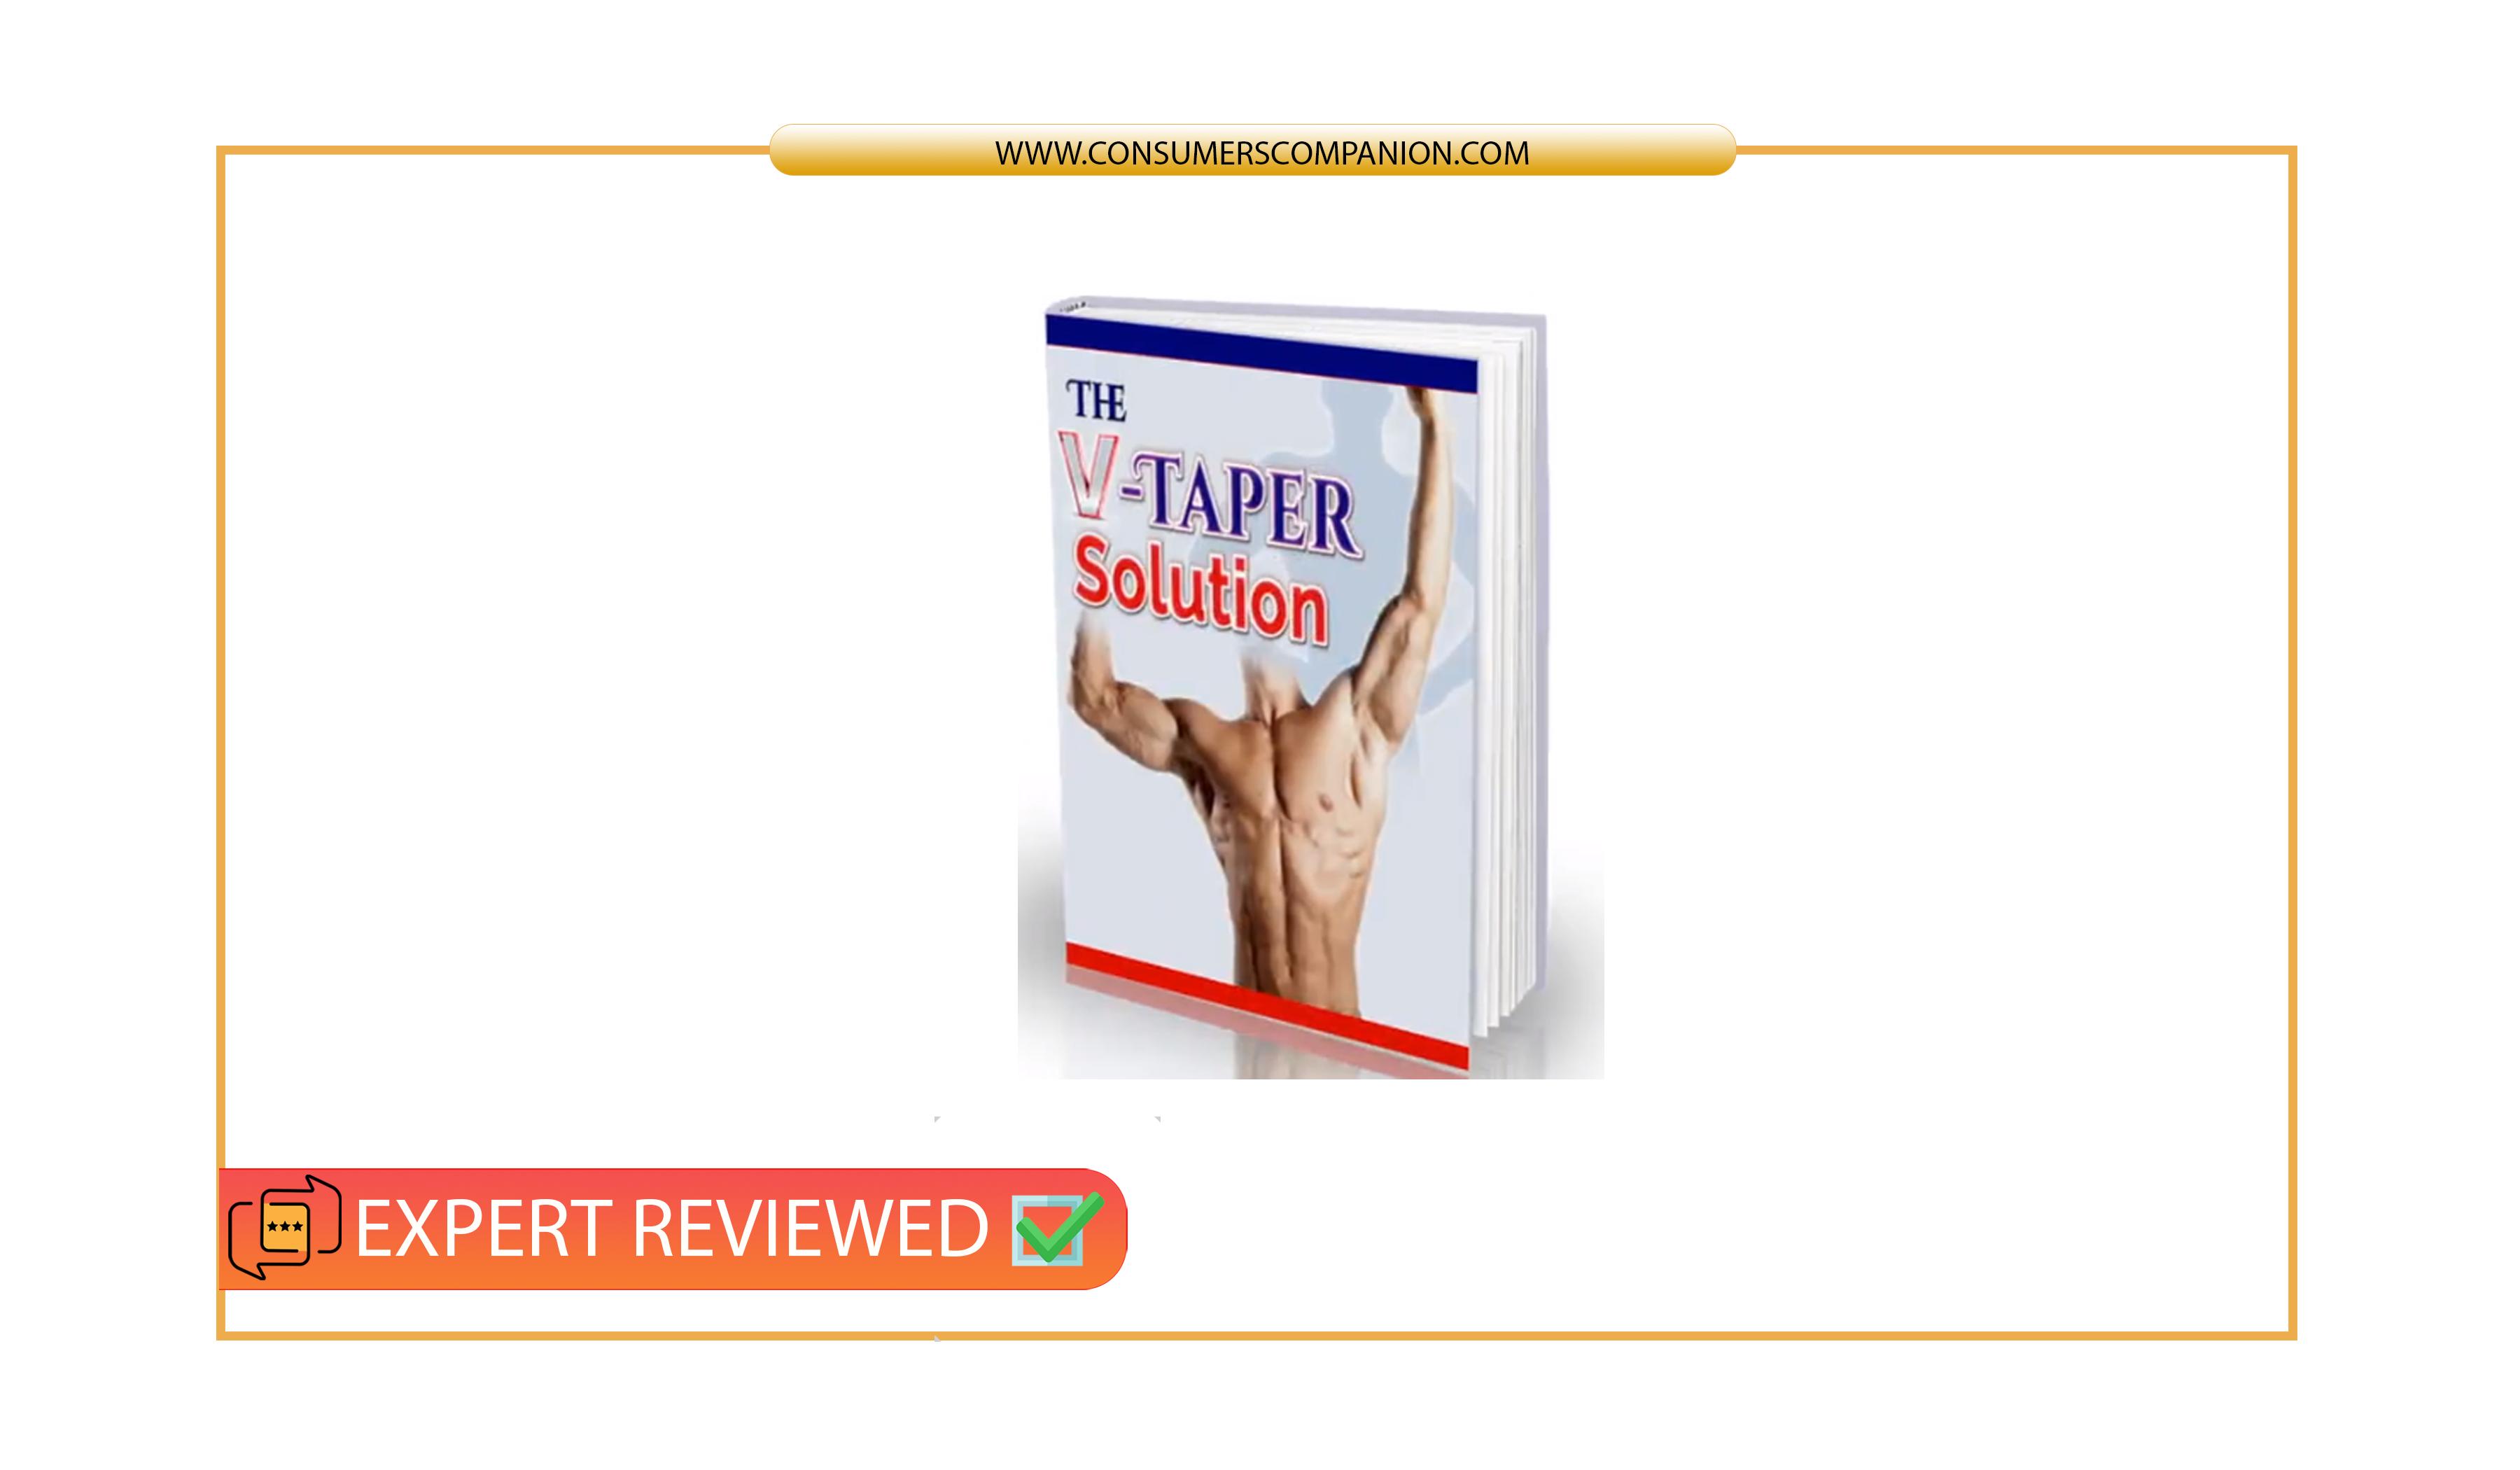 v taper solution review